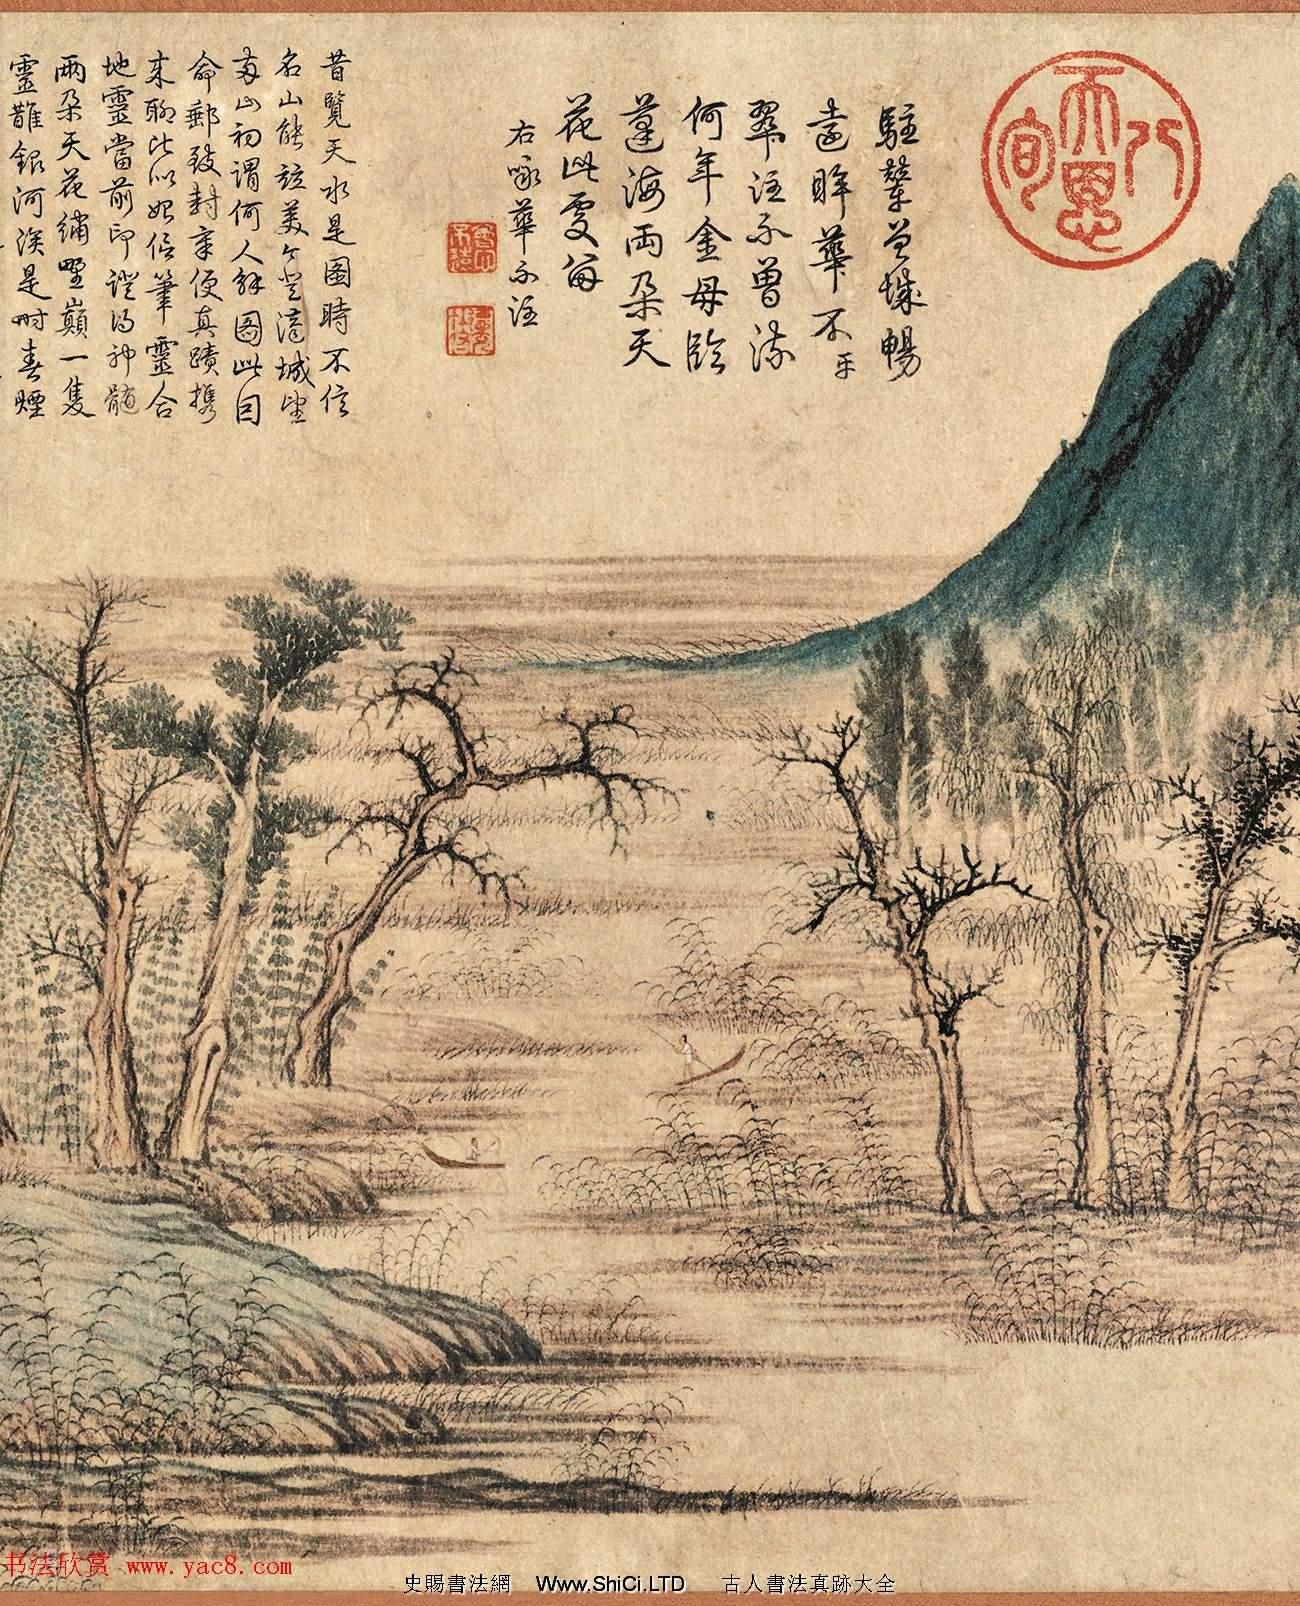 元代趙孟俯書畫欣賞《鵲華秋色圖》卷